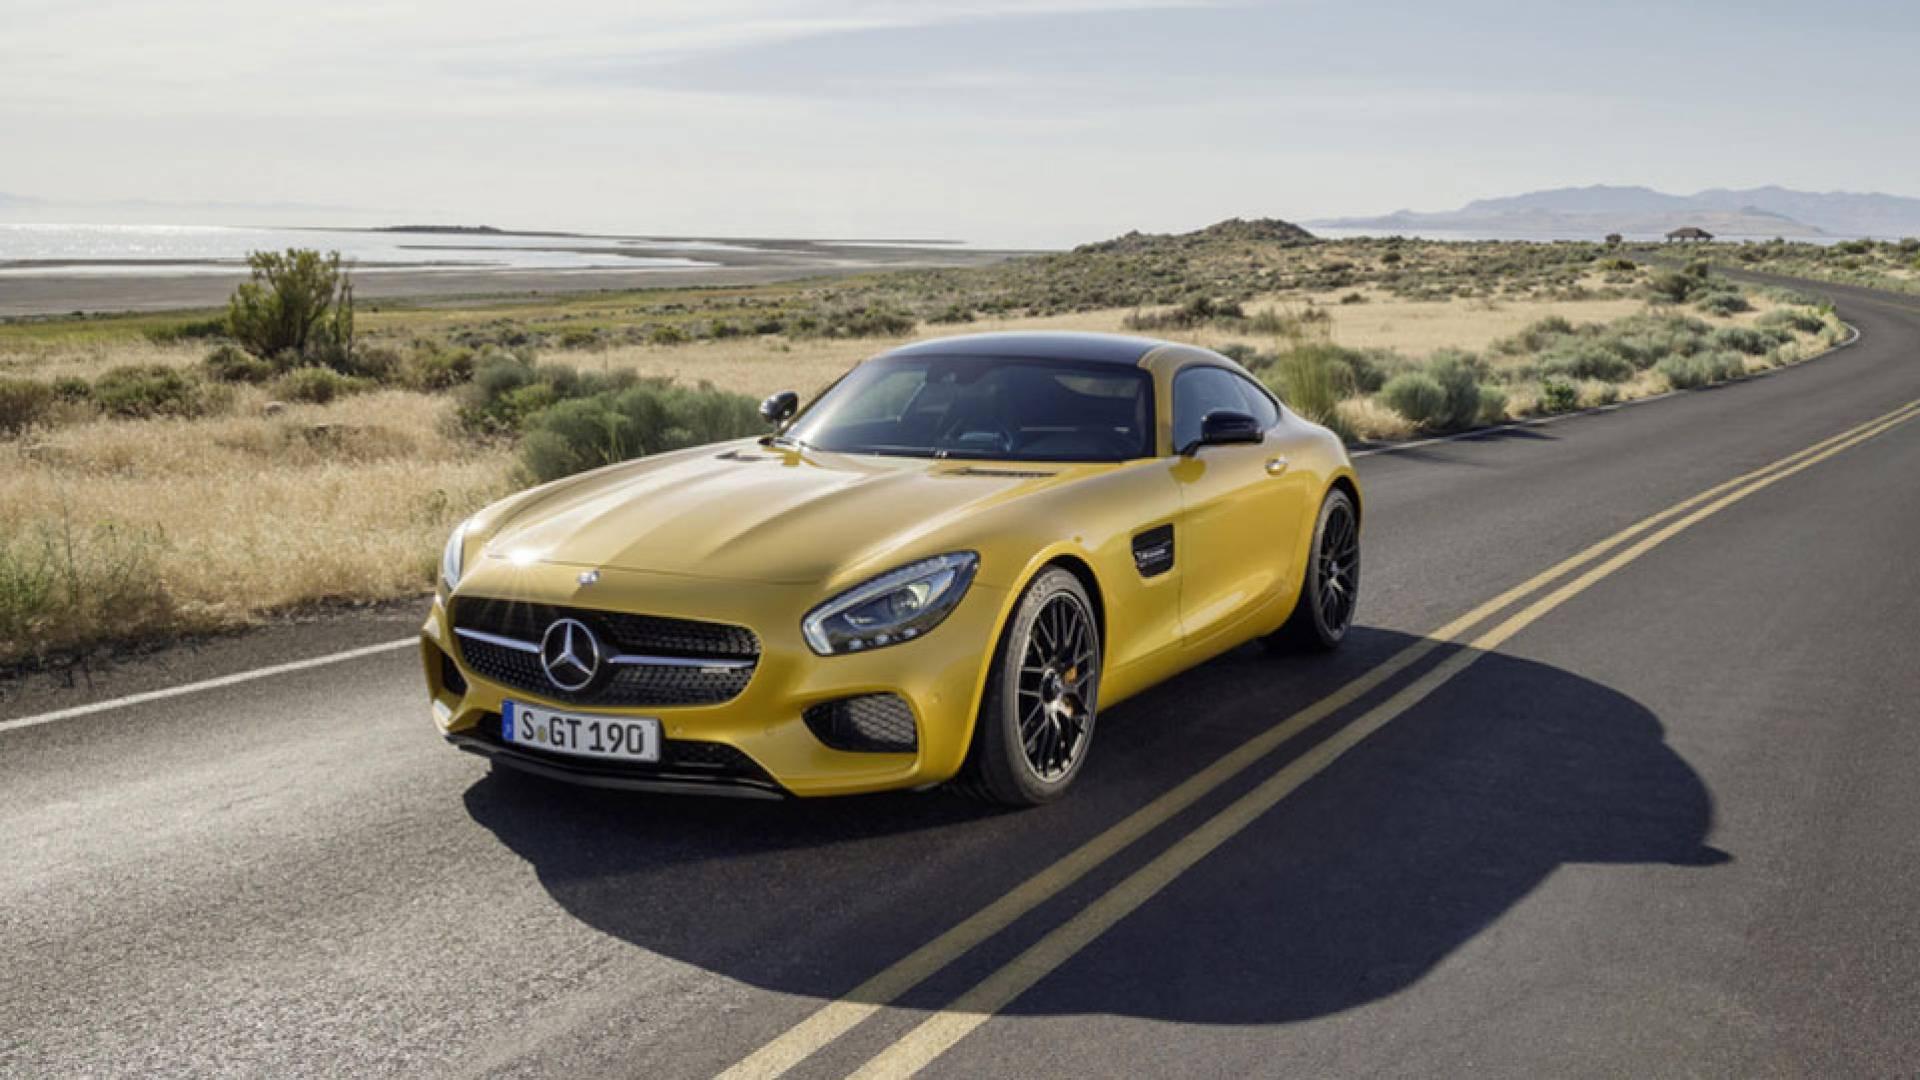 Mercedes amg gt precios prueba ficha t cnica y fotos for Mercedes benz deportivo